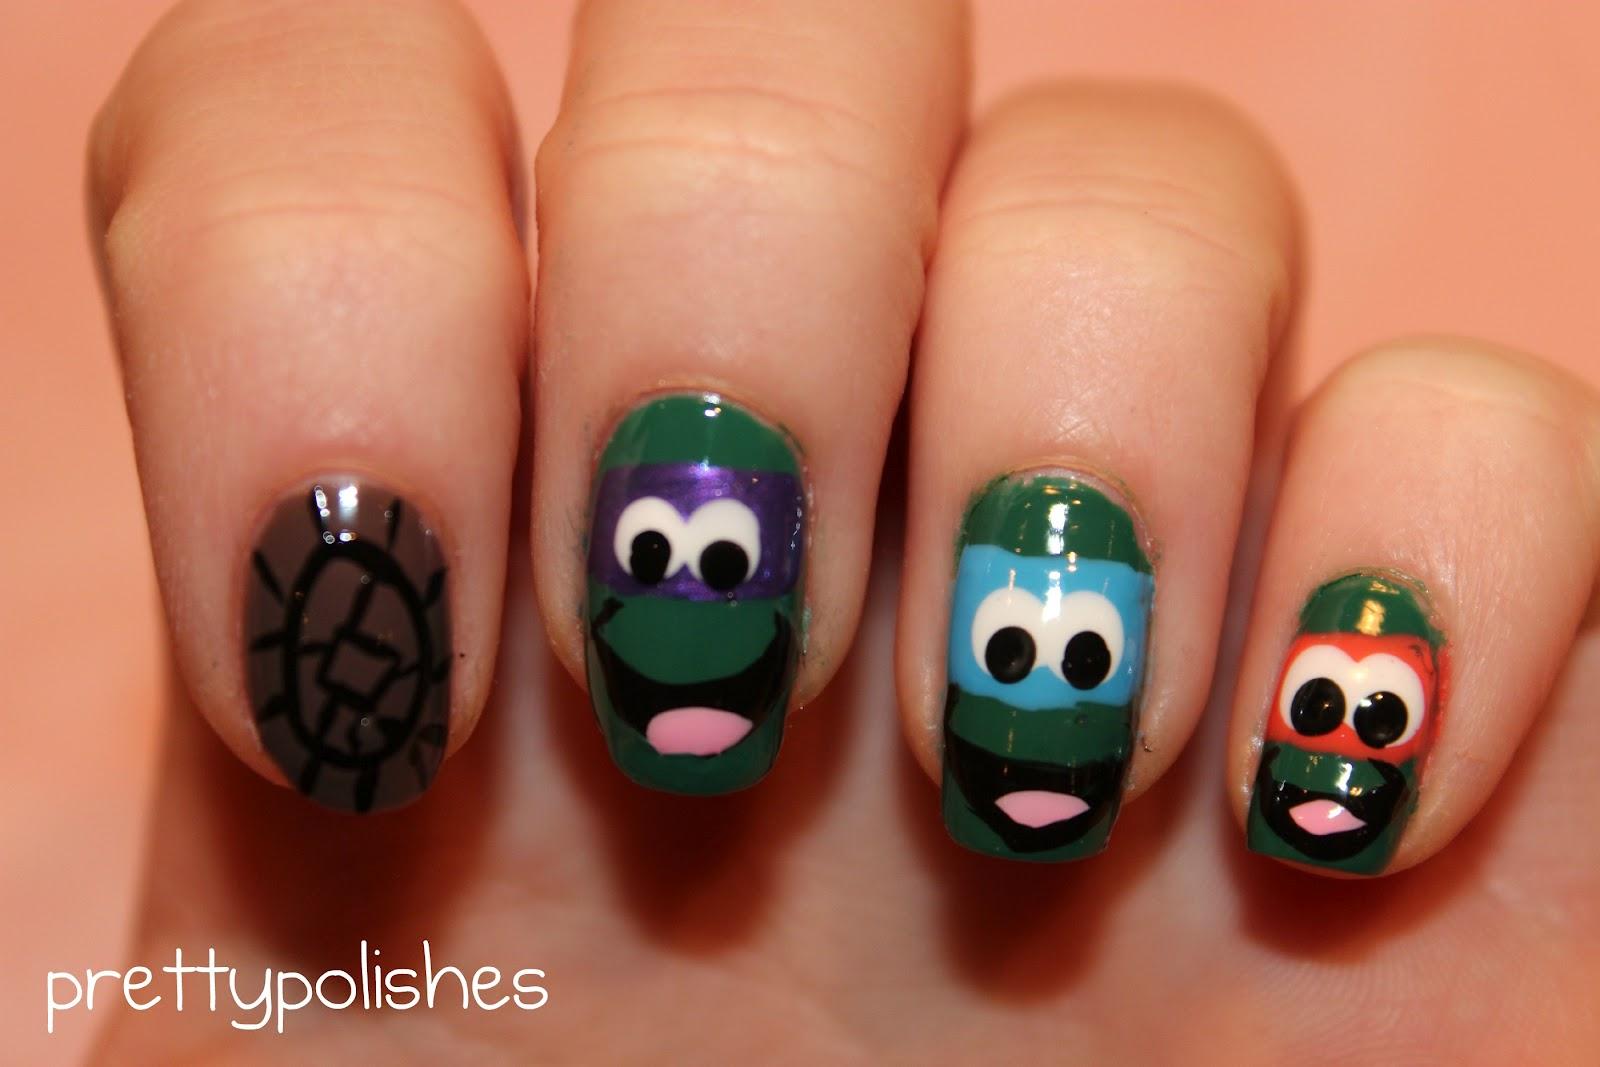 prettypolishes: Ninja Turtle Nails!